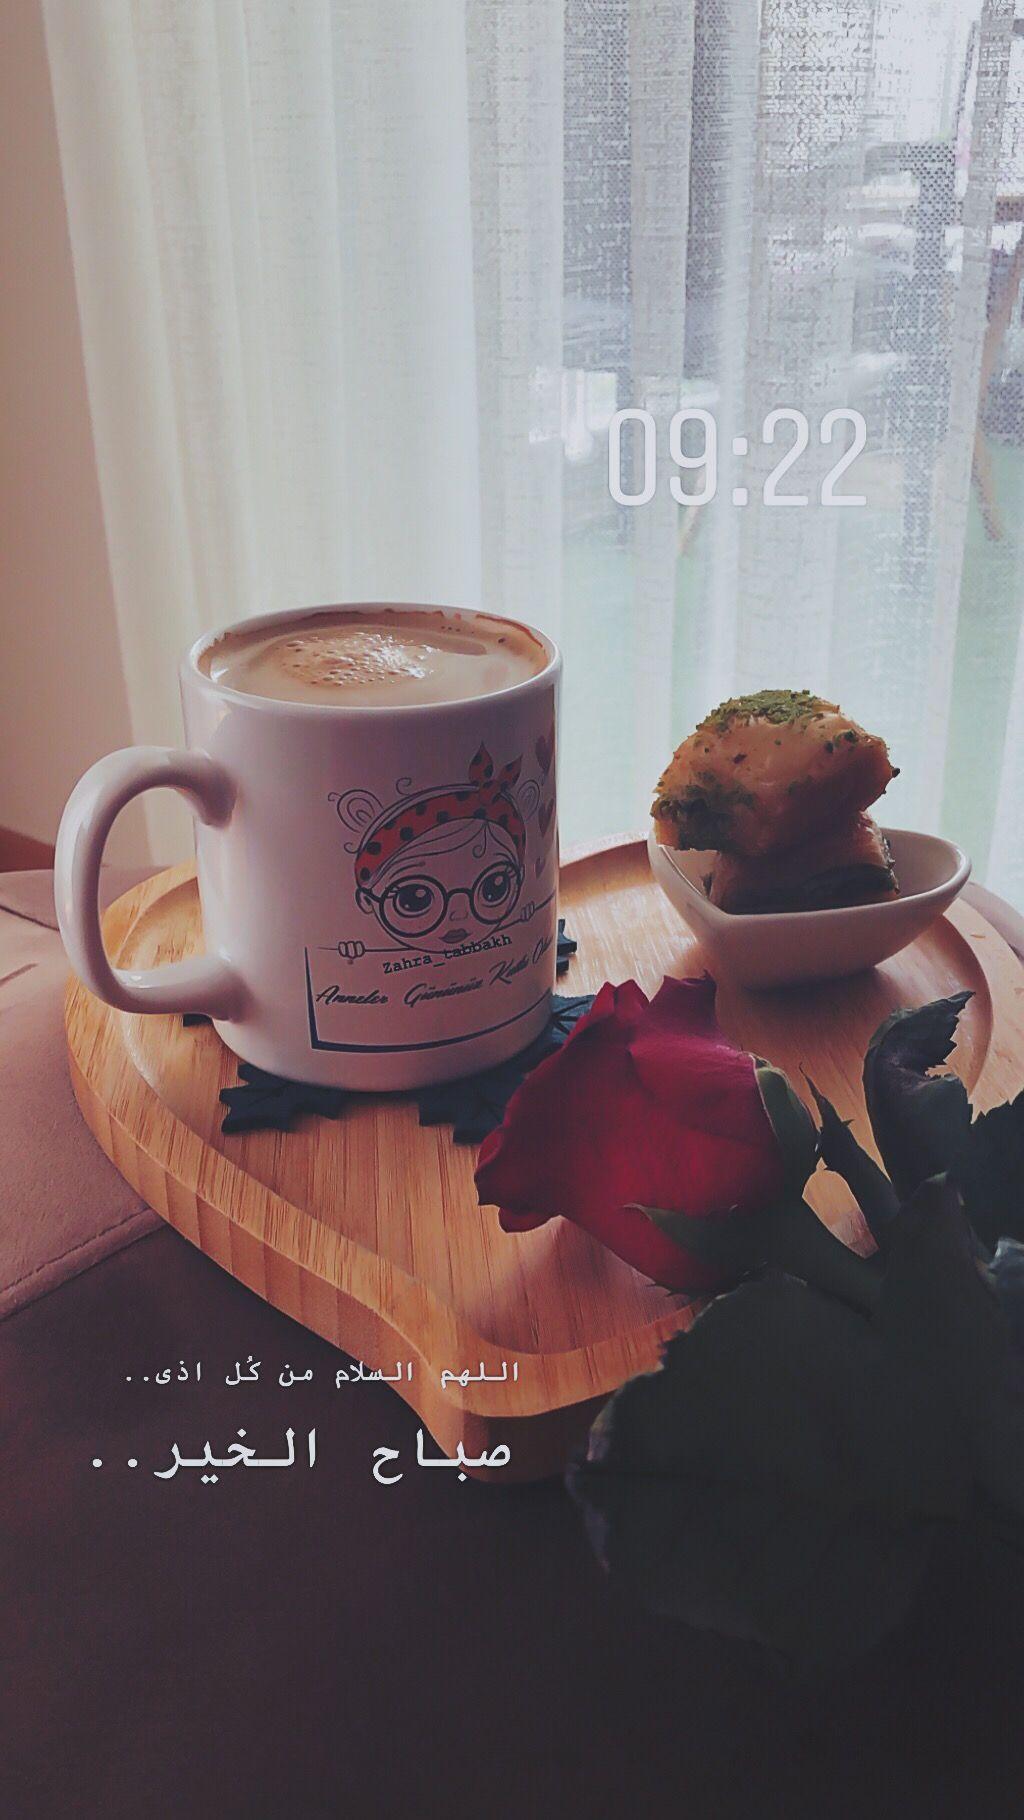 يارب السلام من ك ل اذى Photography Inspiration Portrait Coffee And Books Morning Quotes Images